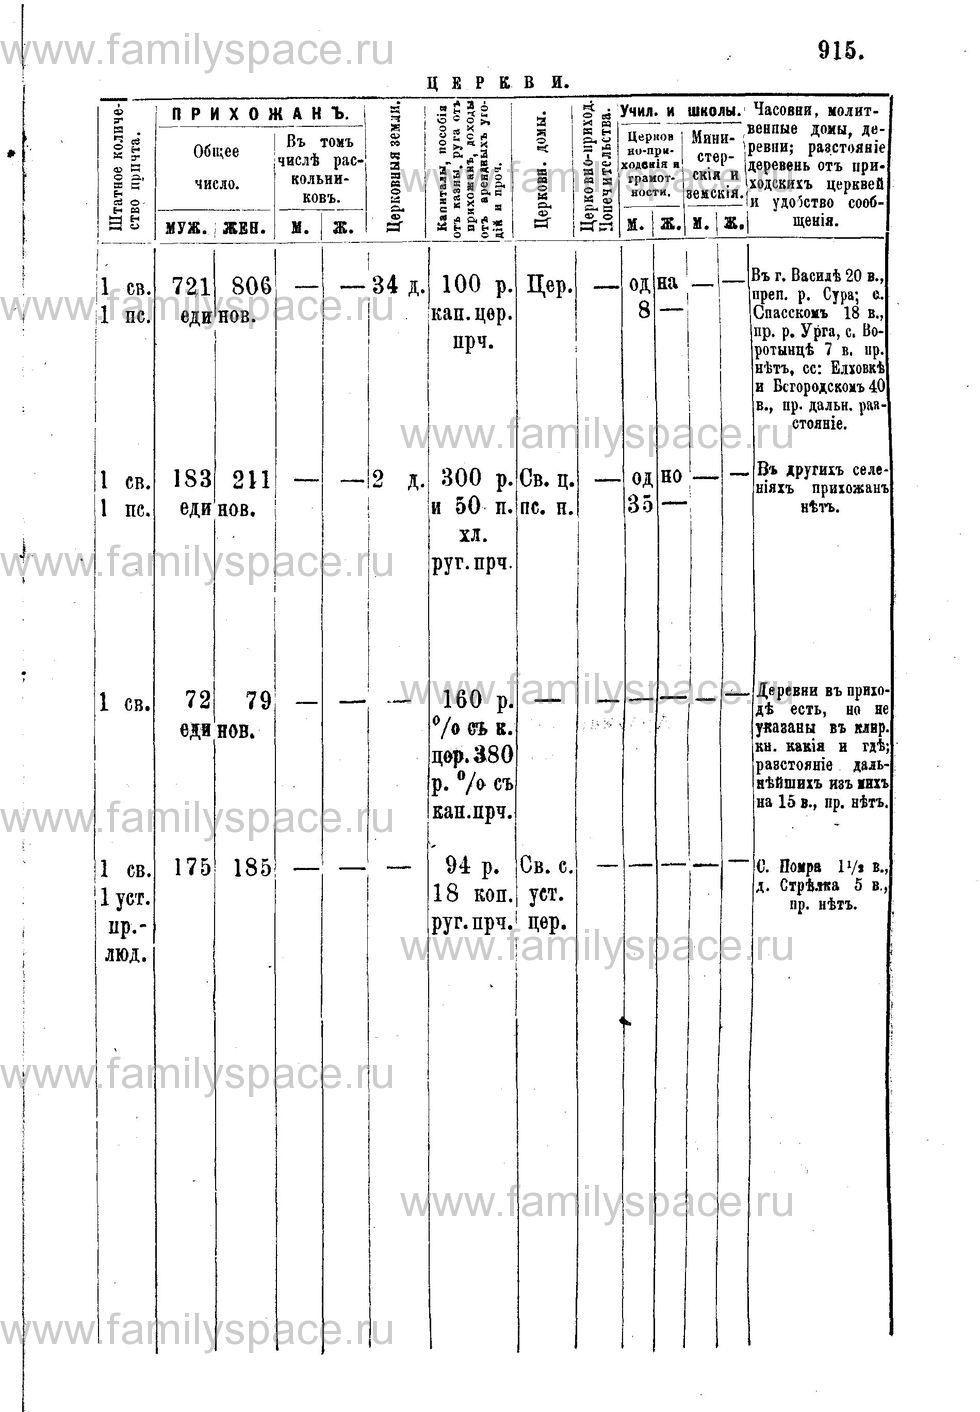 Поиск по фамилии - Адрес-календарь Нижегородской епархии на 1888 год, страница 1915